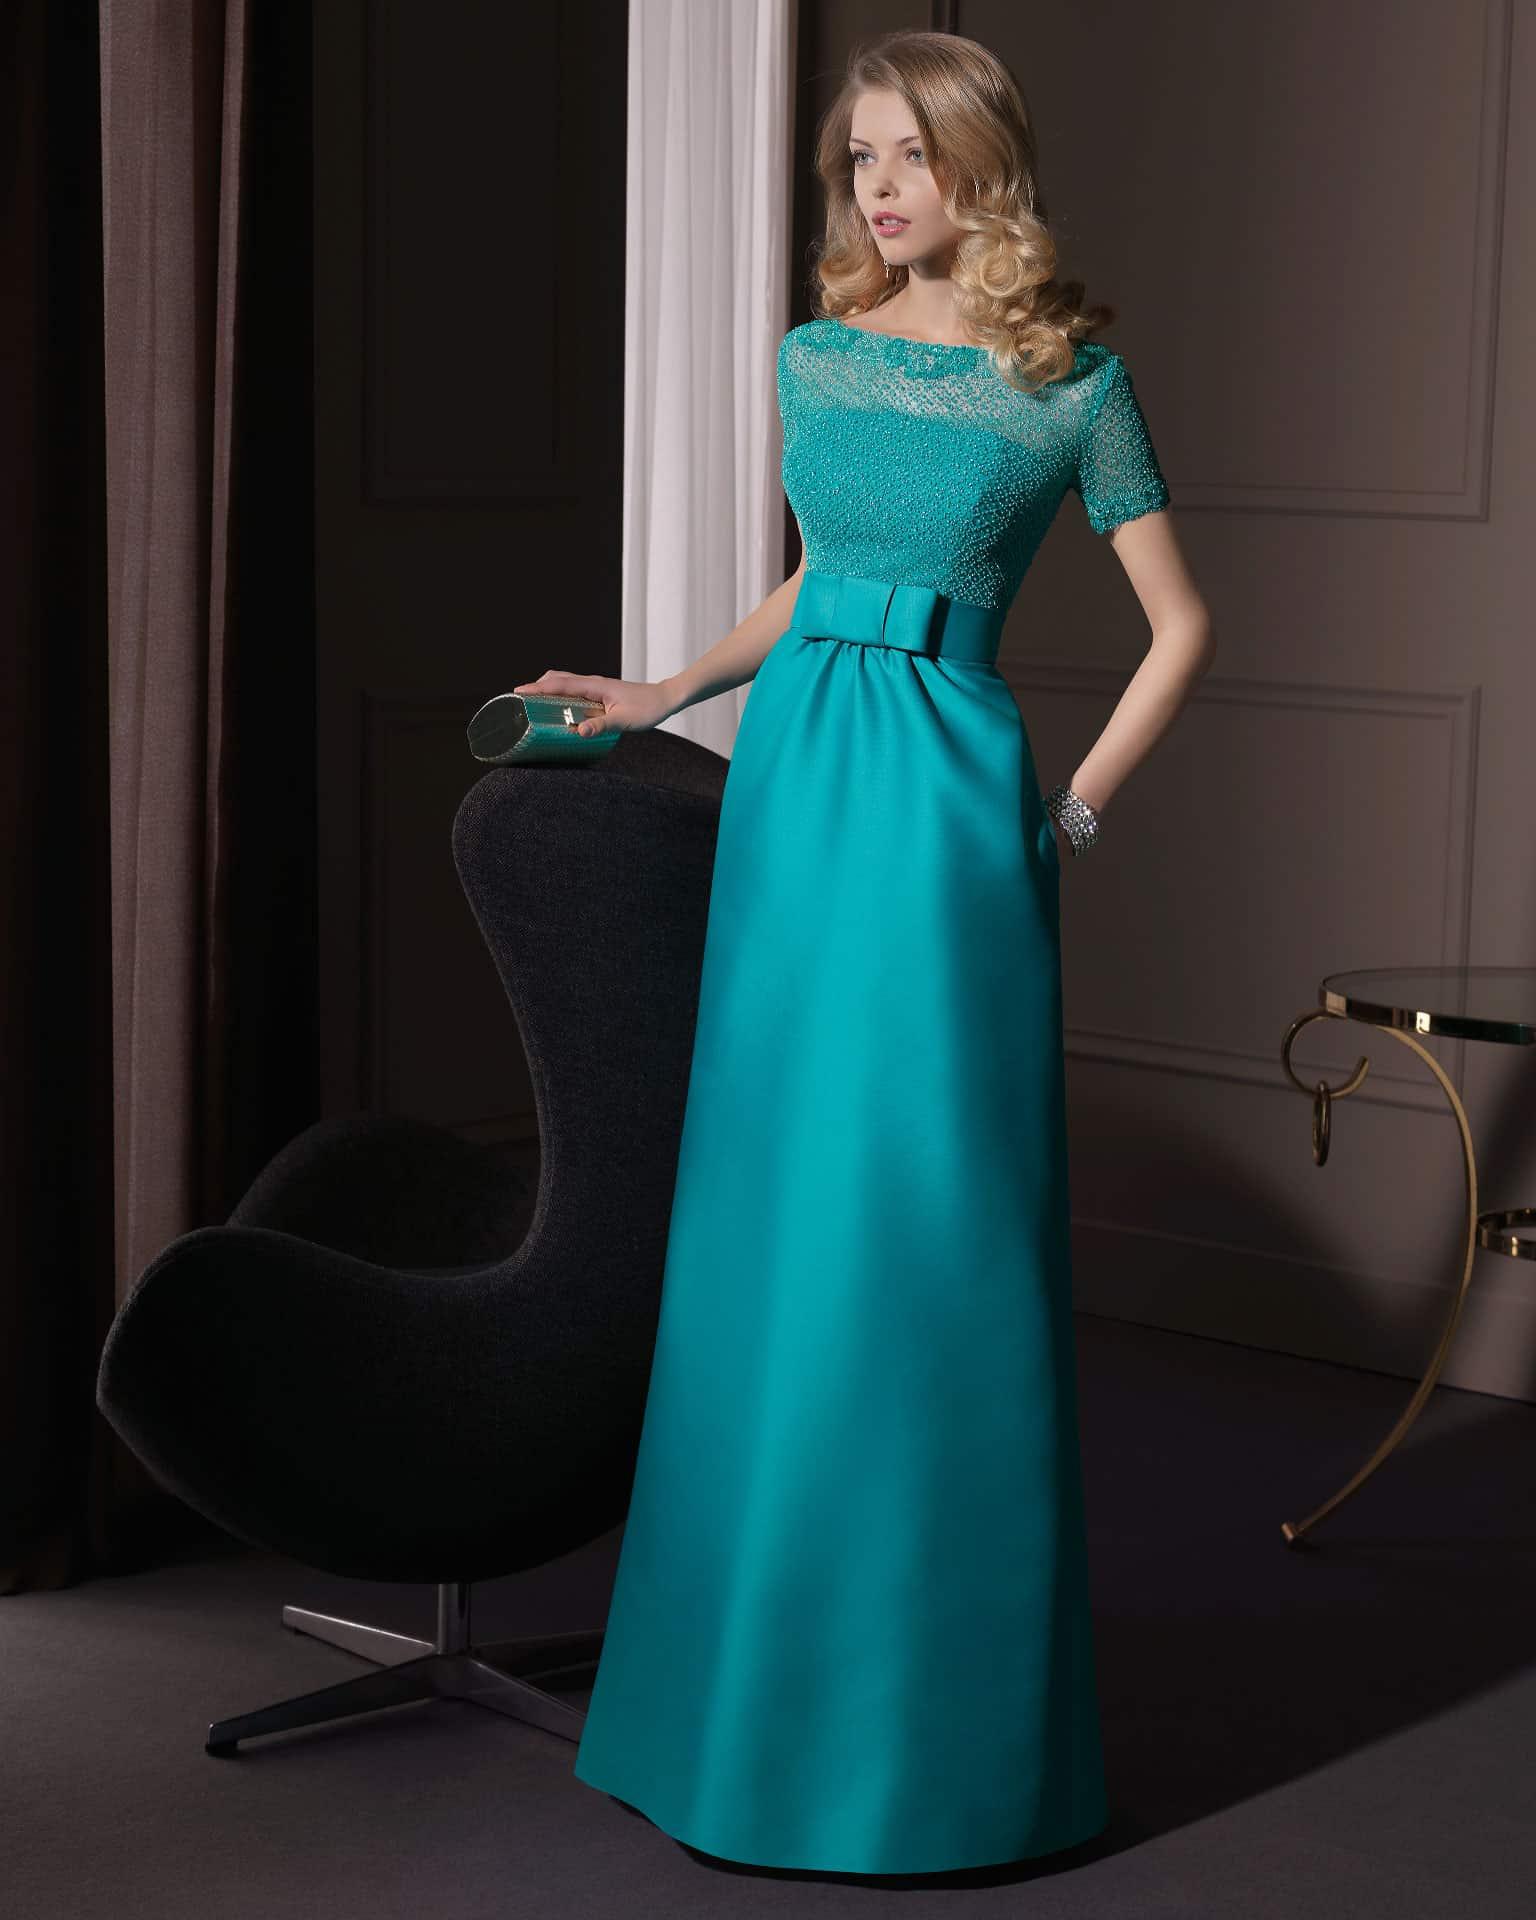 cf97f769f2a Vestidos de fiesta colección 2019 de noche y cocktail - Mujeres ...